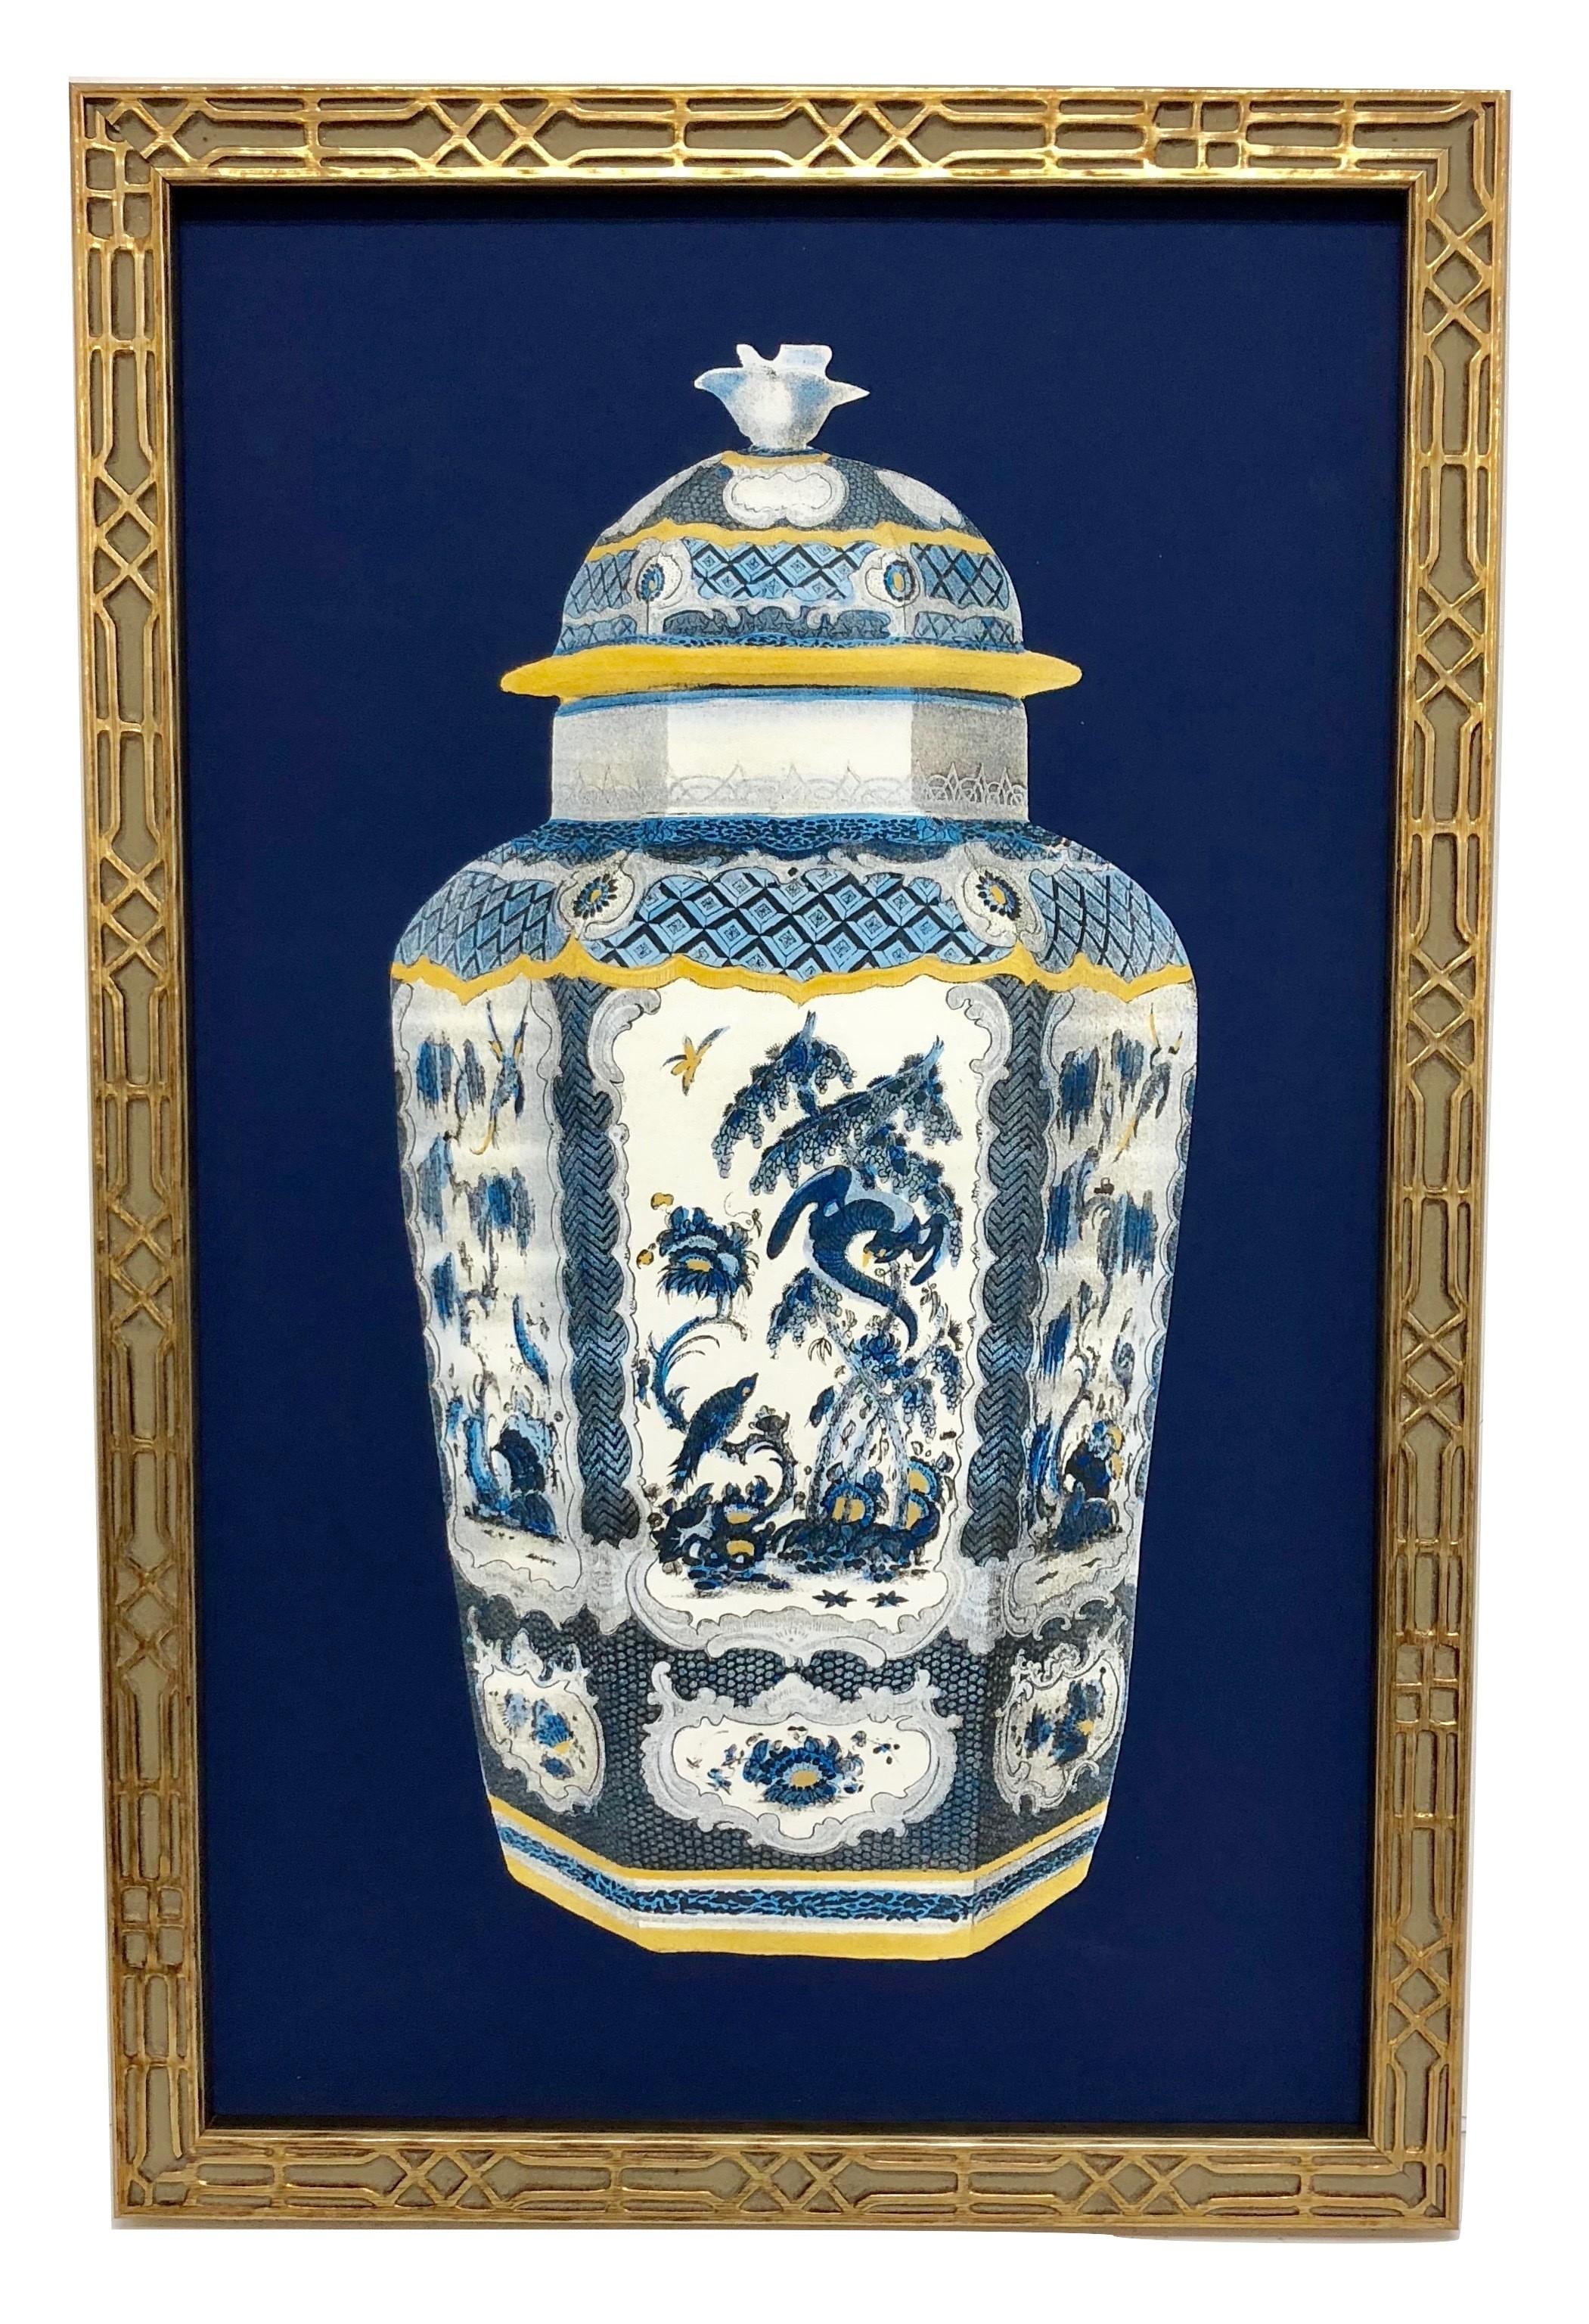 NEW! Incredible framed blue/white ginger jar print #2